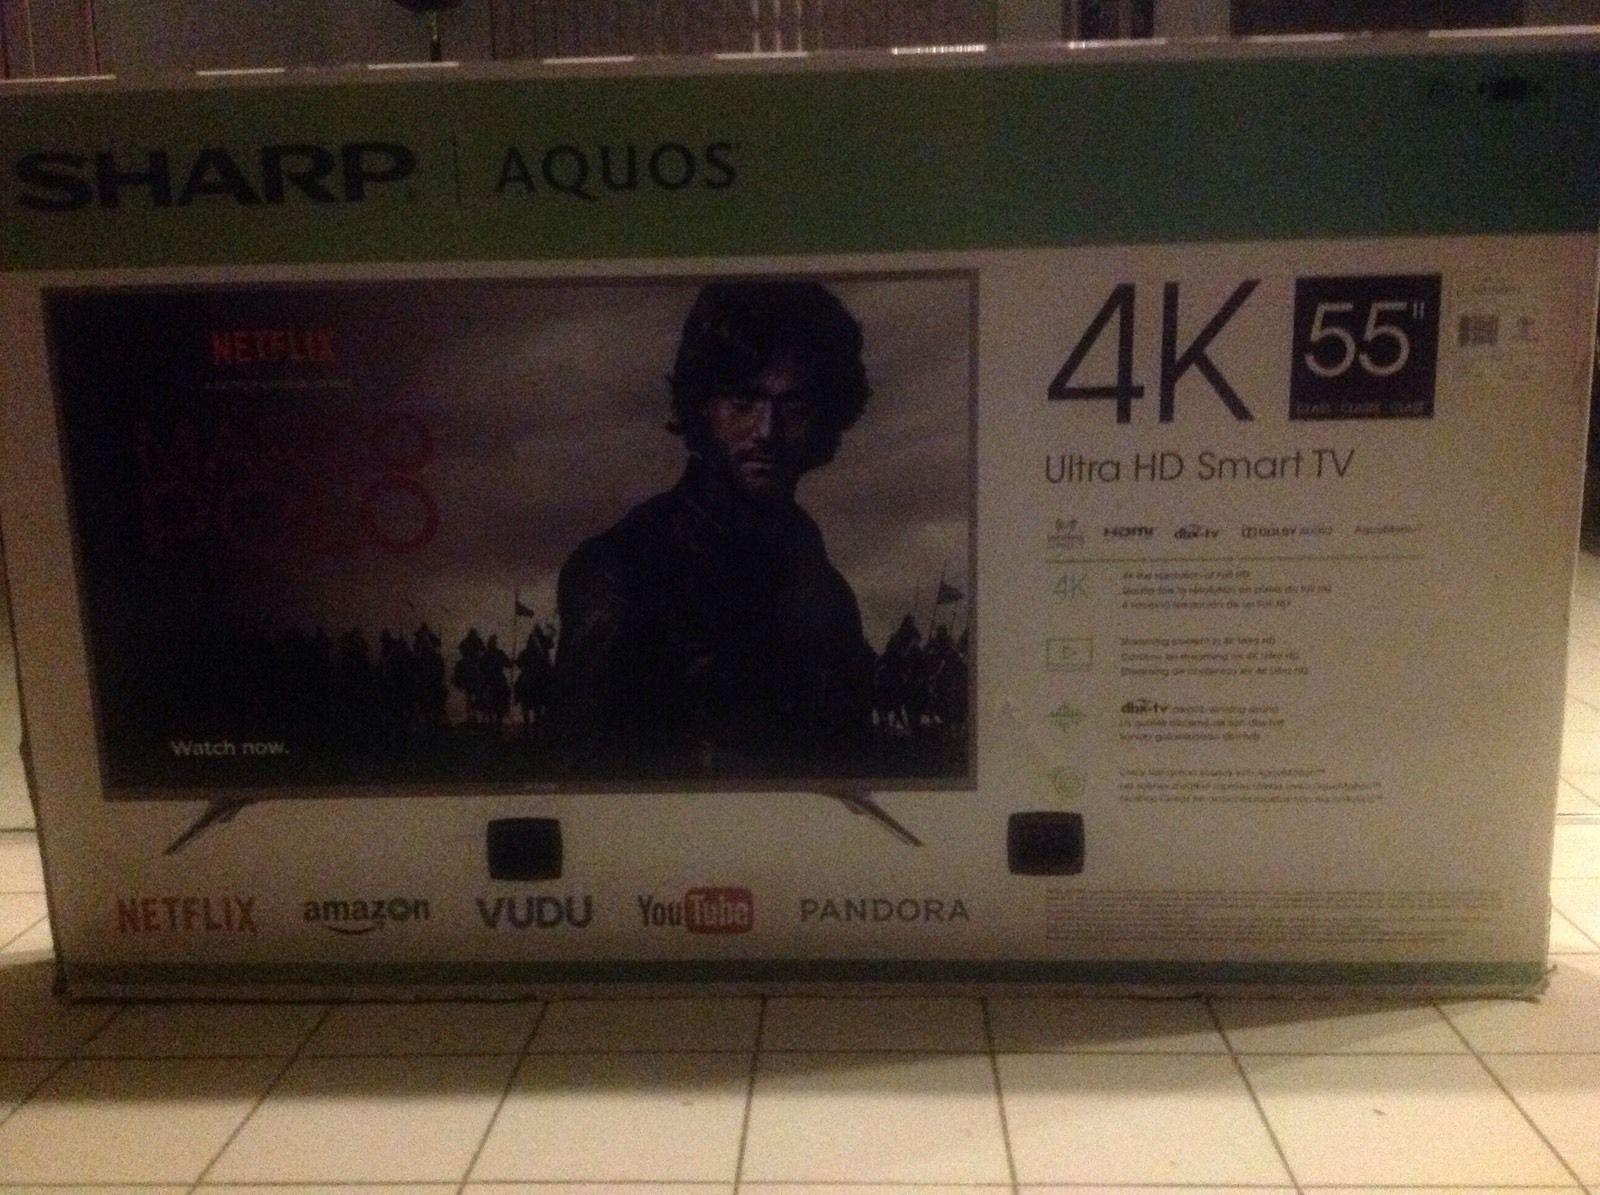 Sharp Aquos 55 Inch 4K Smart Tv Nib | Common Shopping